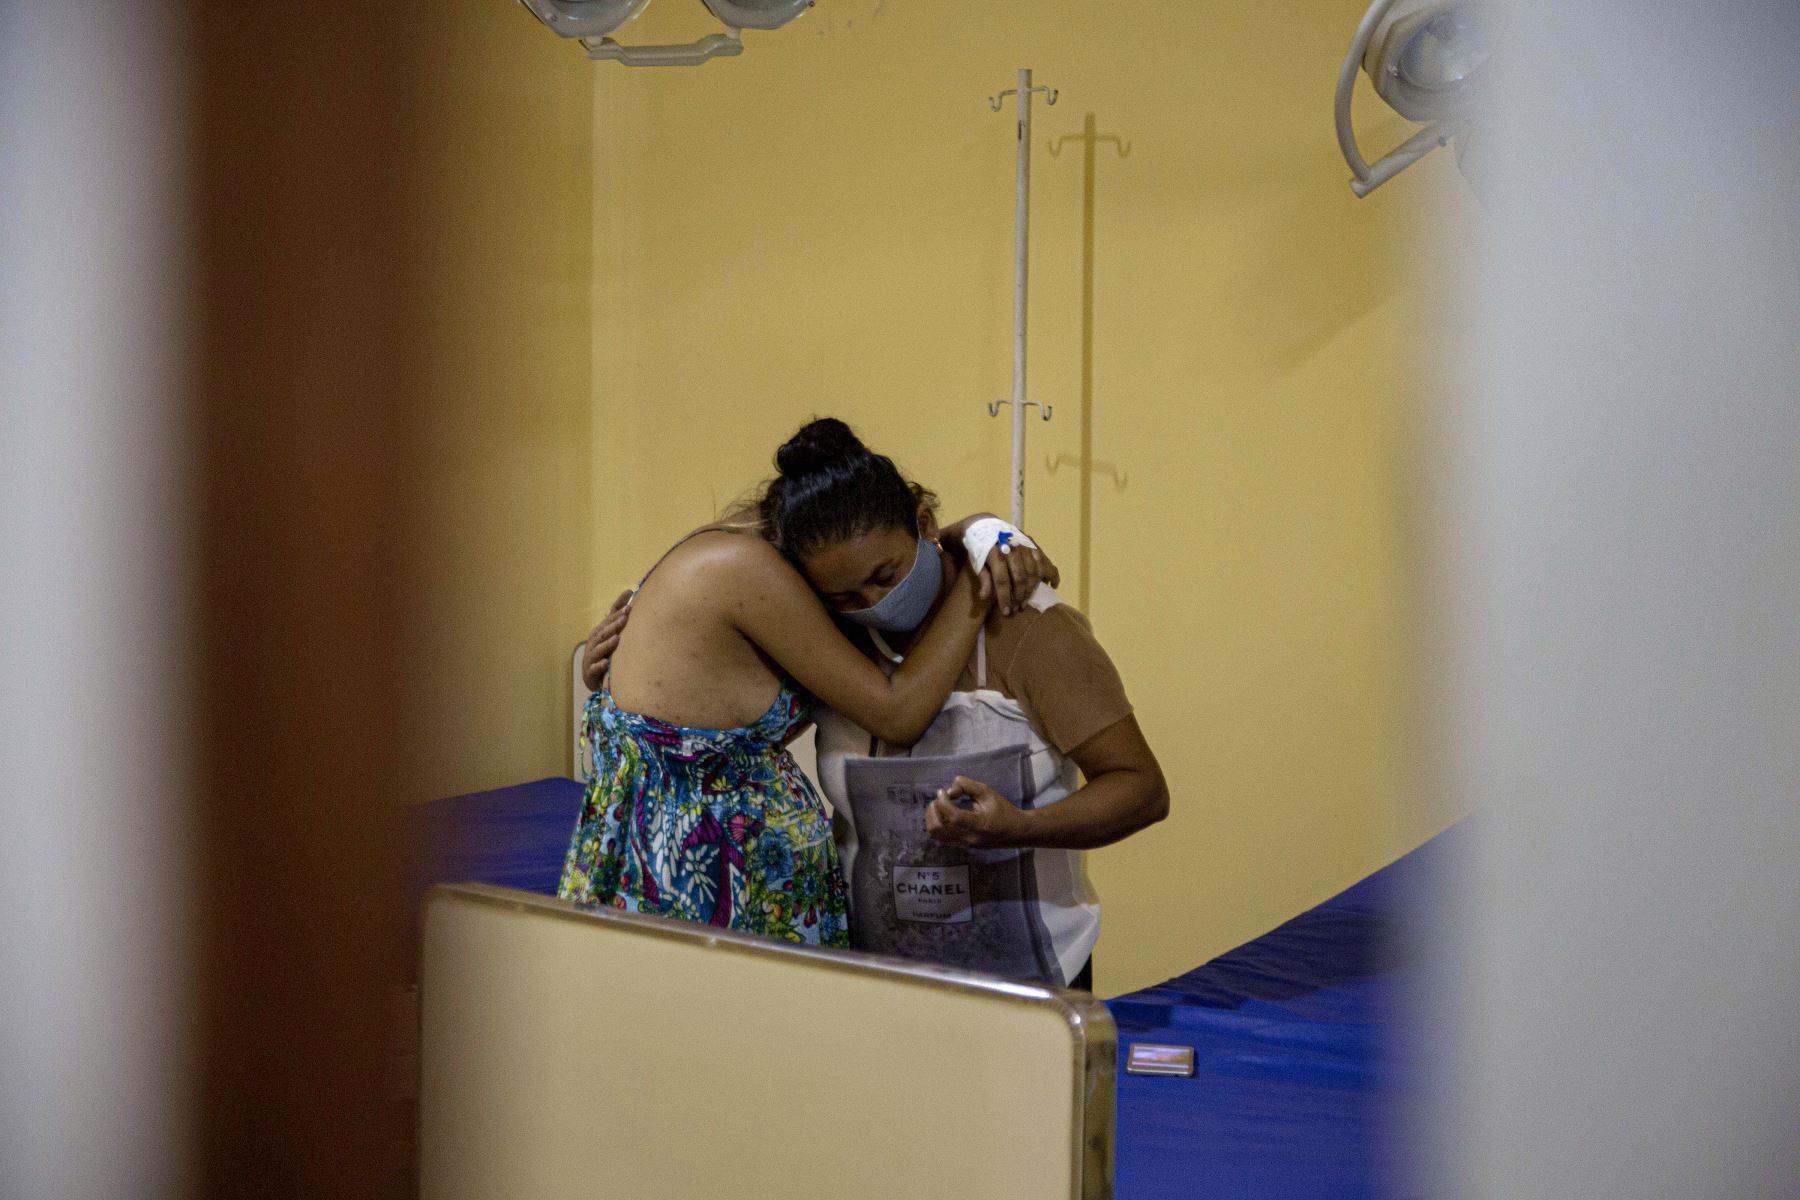 Covid-19: Brasil supera los 4.4 millones de contagios y las 134,000 muertes   Noticias